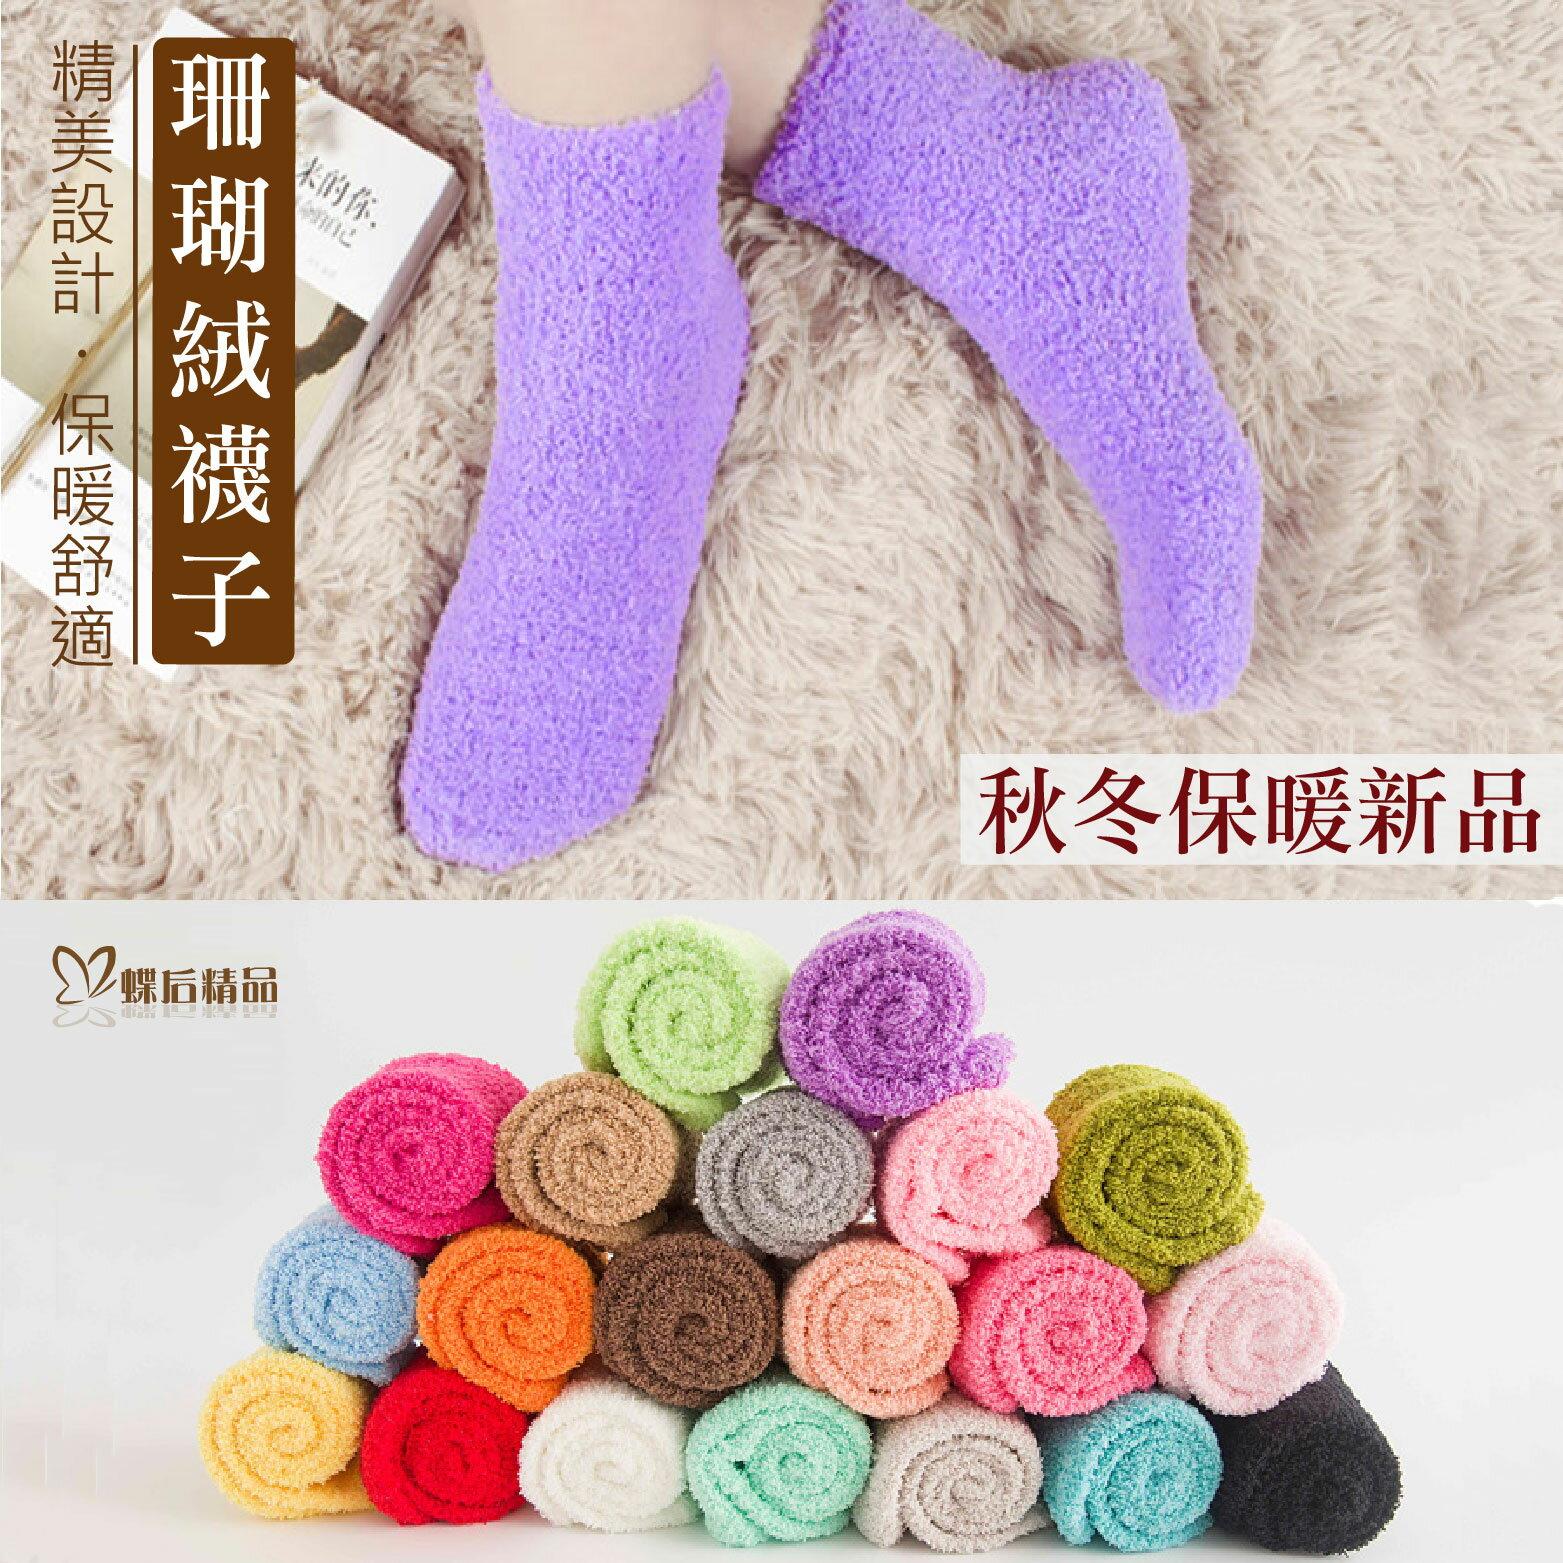 【現貨供應】珊瑚絨毛襪子 冬襪可愛聖誕襪 地板襪 睡眠襪 珊瑚絨 毛巾襪 居家保暖襪 中筒襪 堆堆襪